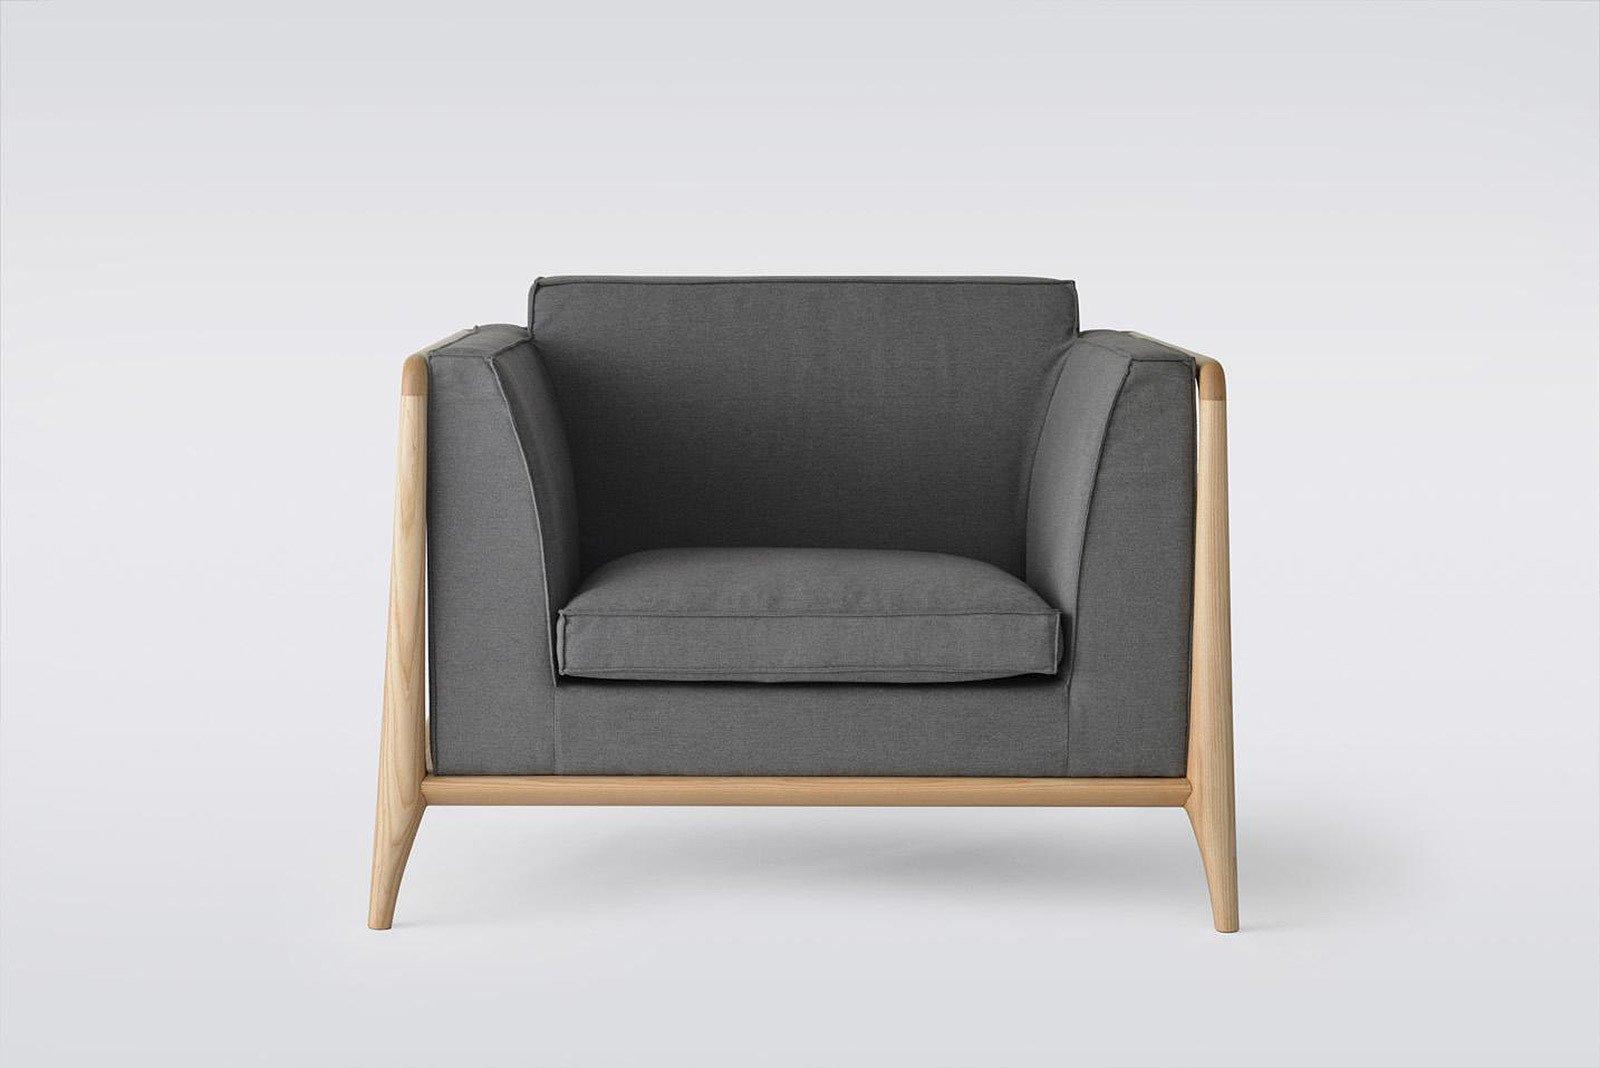 Photo 3 of 6 in Fnji Furniture